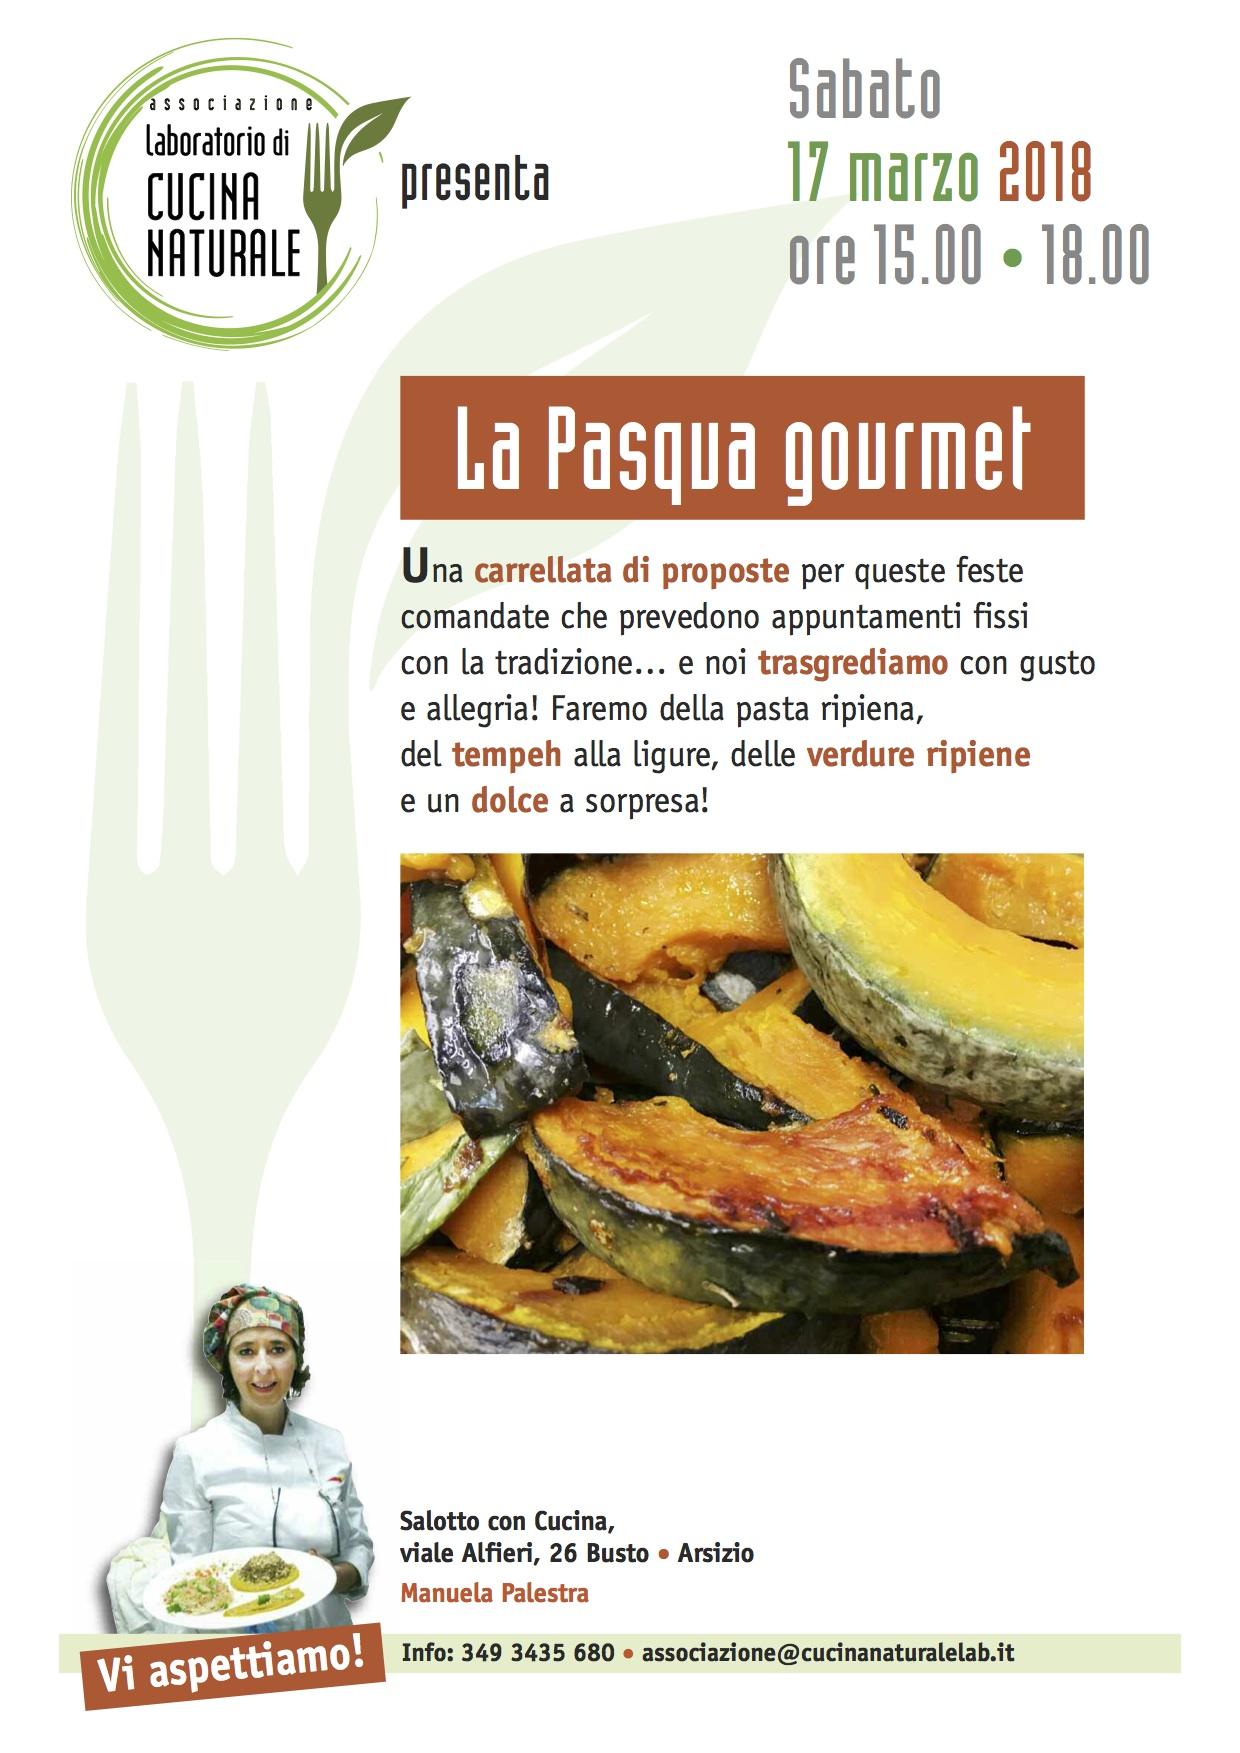 Corso di Cucina Naturale la Pasqua Gourmet  Associazione